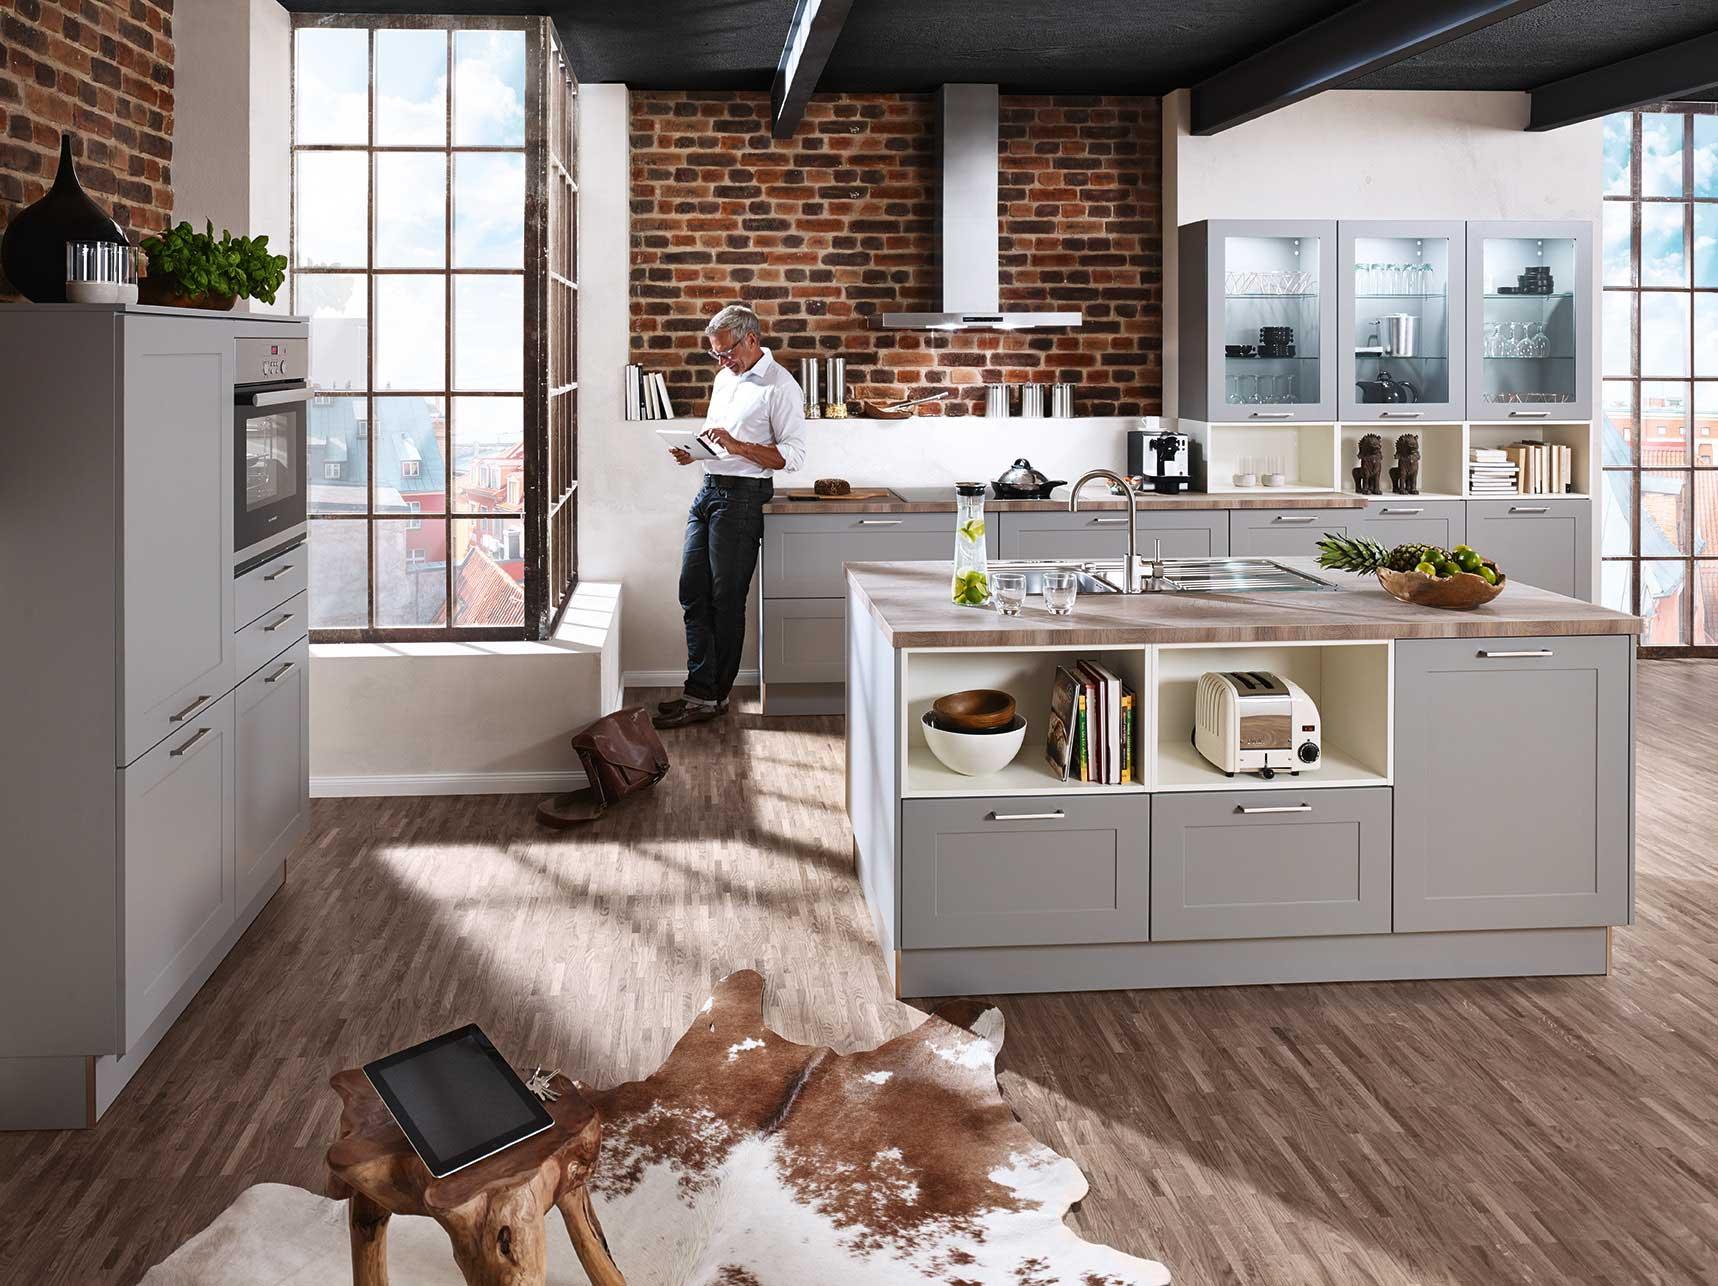 Fantastisch St. Louis Küche Und Bad Bilder - Ideen Für Die Küche ...